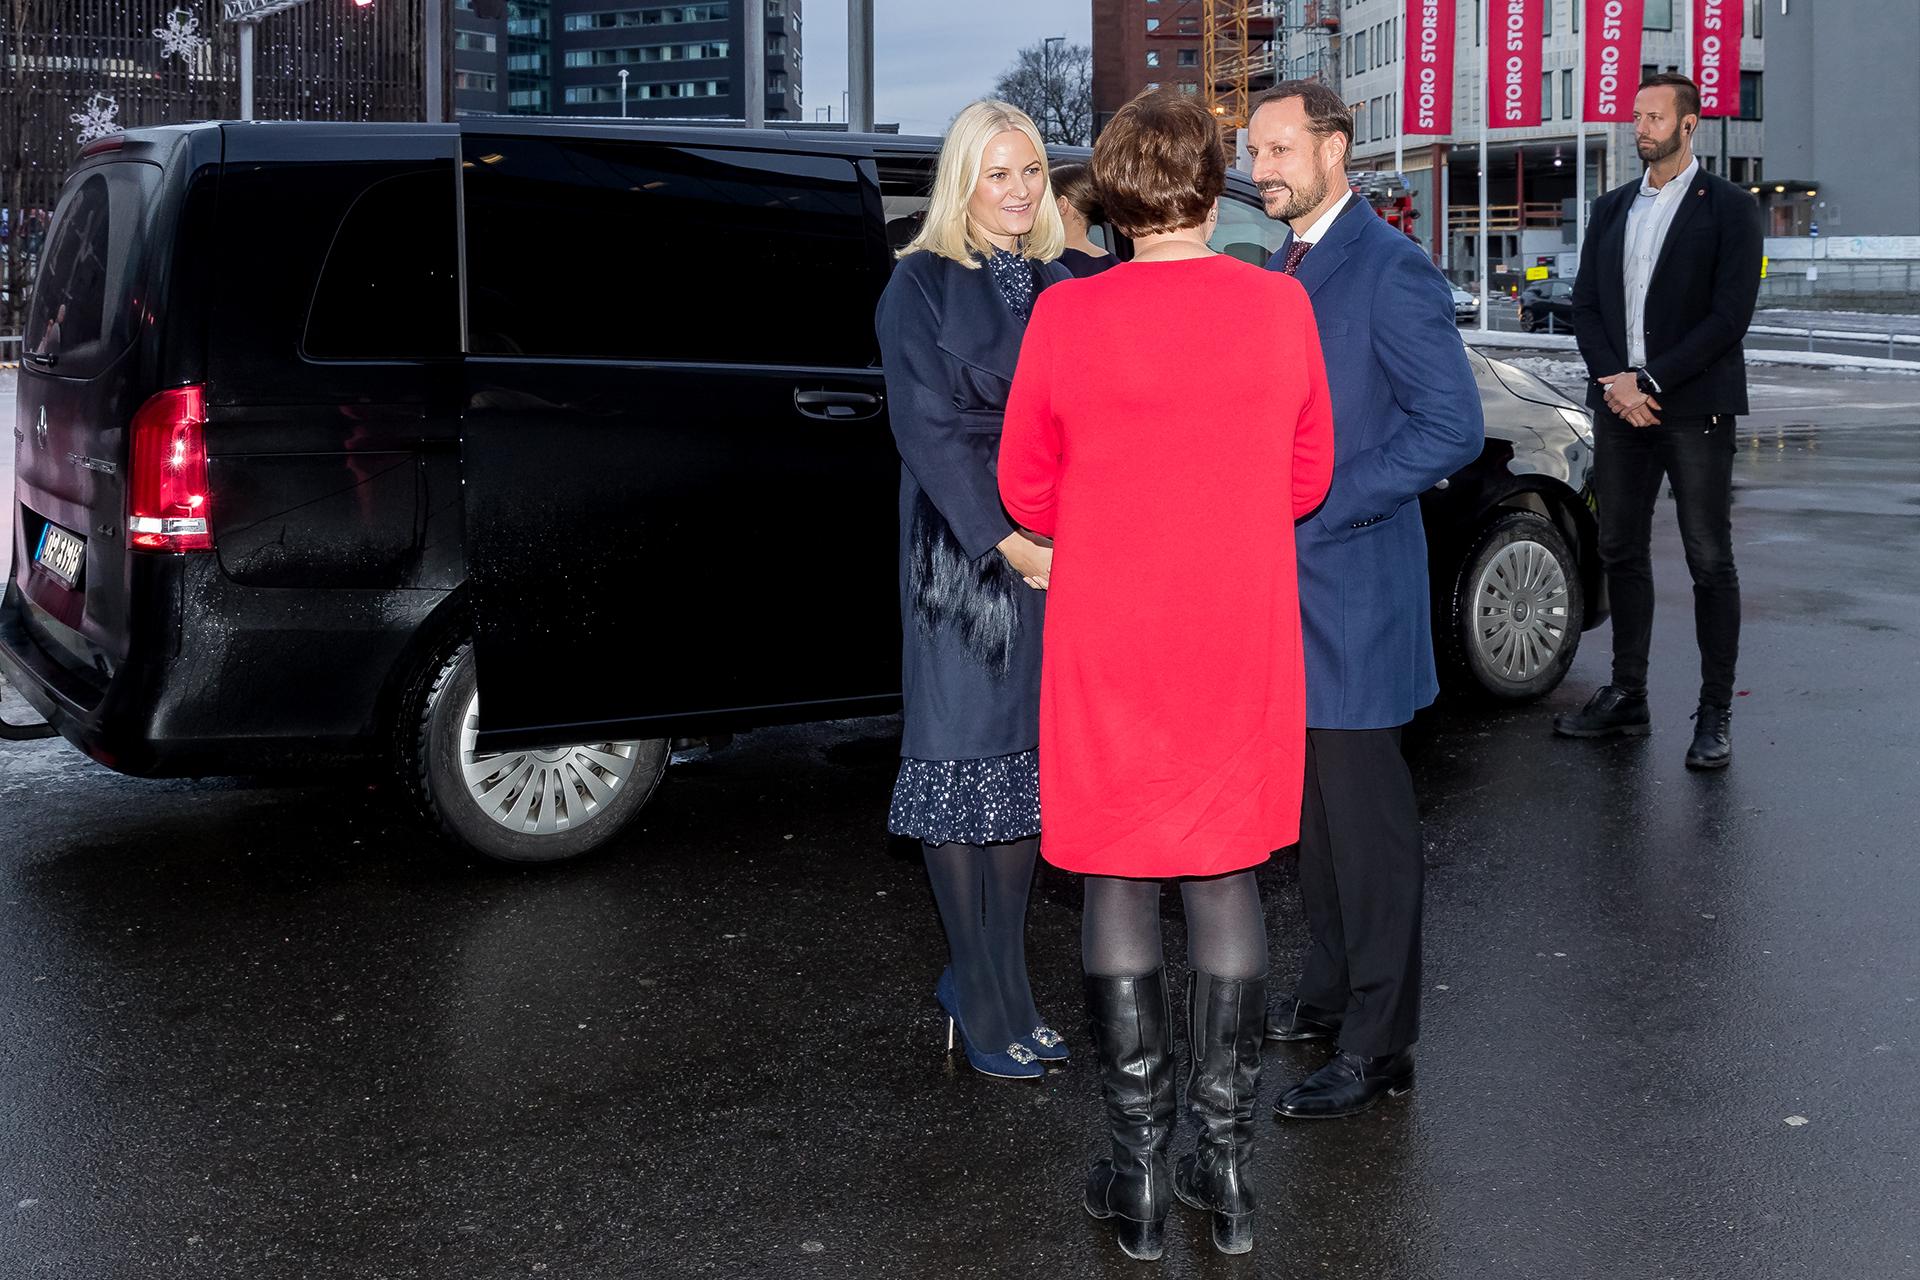 La llegada de los príncipes Mette Marit y Haakon acompañados por la alcaldesa de Oslo, Marianne Borgen, al almuerzo solidario que se llevó a cabo en la capital de Noruega